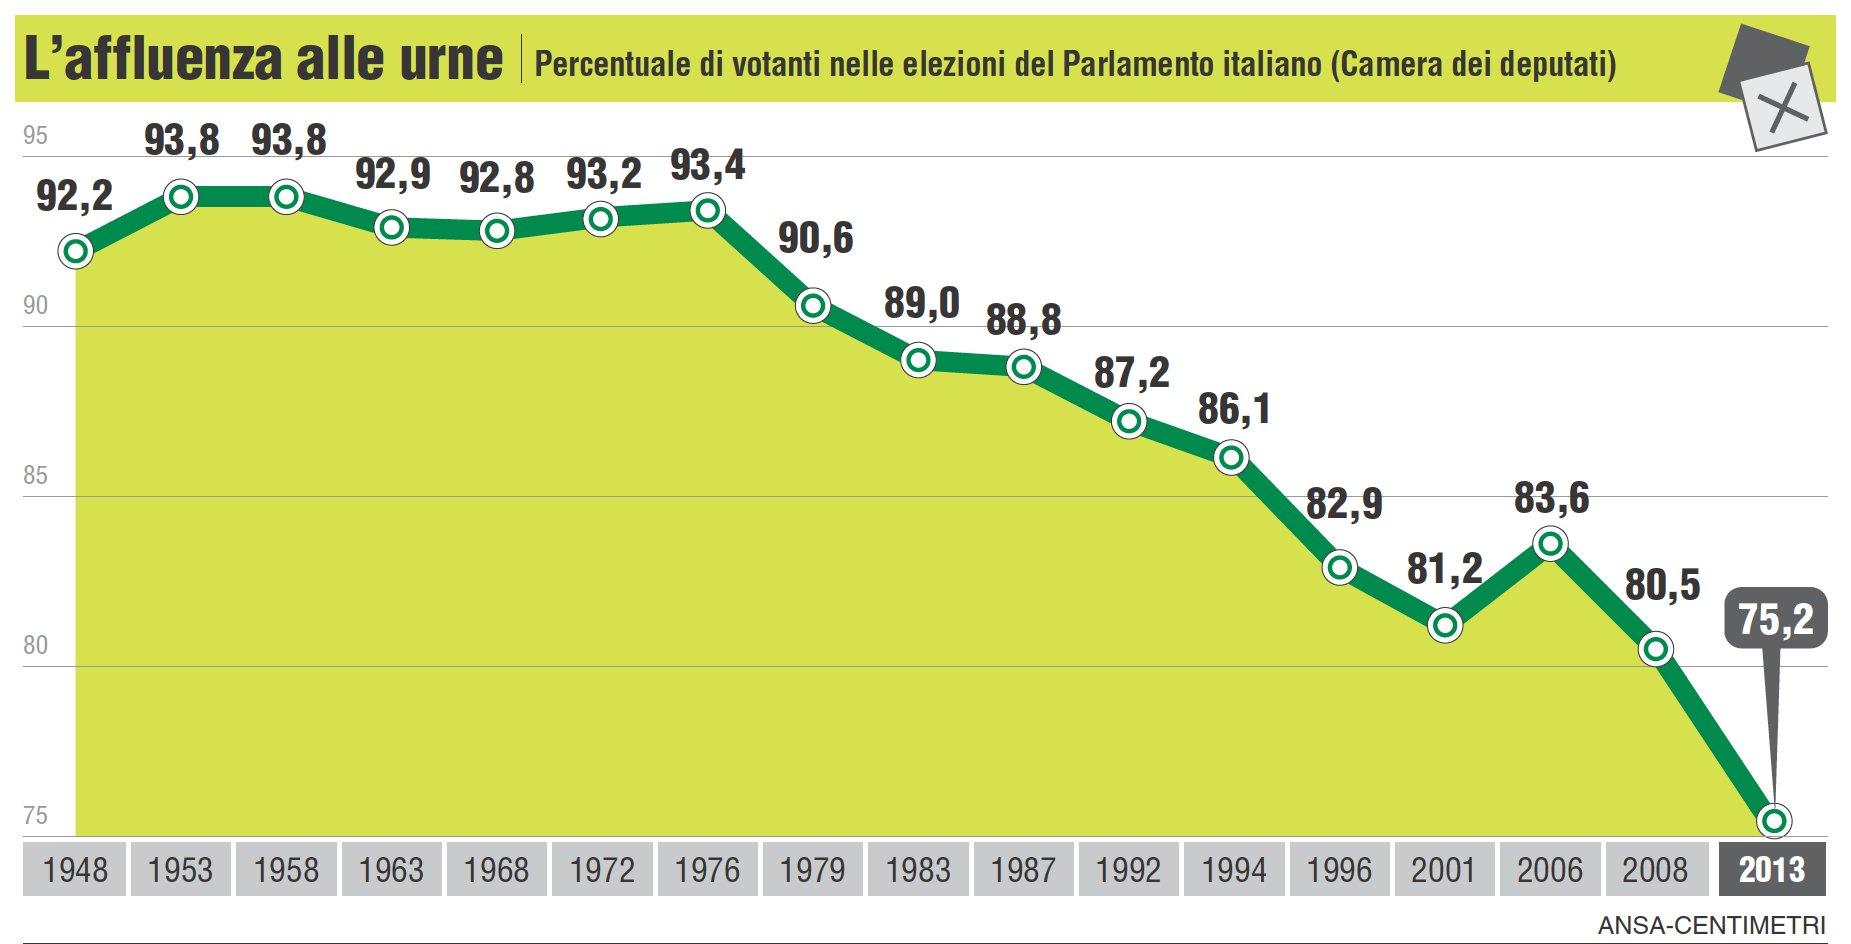 http://www.giornalettismo.com/wp-content/uploads/2013/02/risultati-elezioni-2013-spread-3.jpg